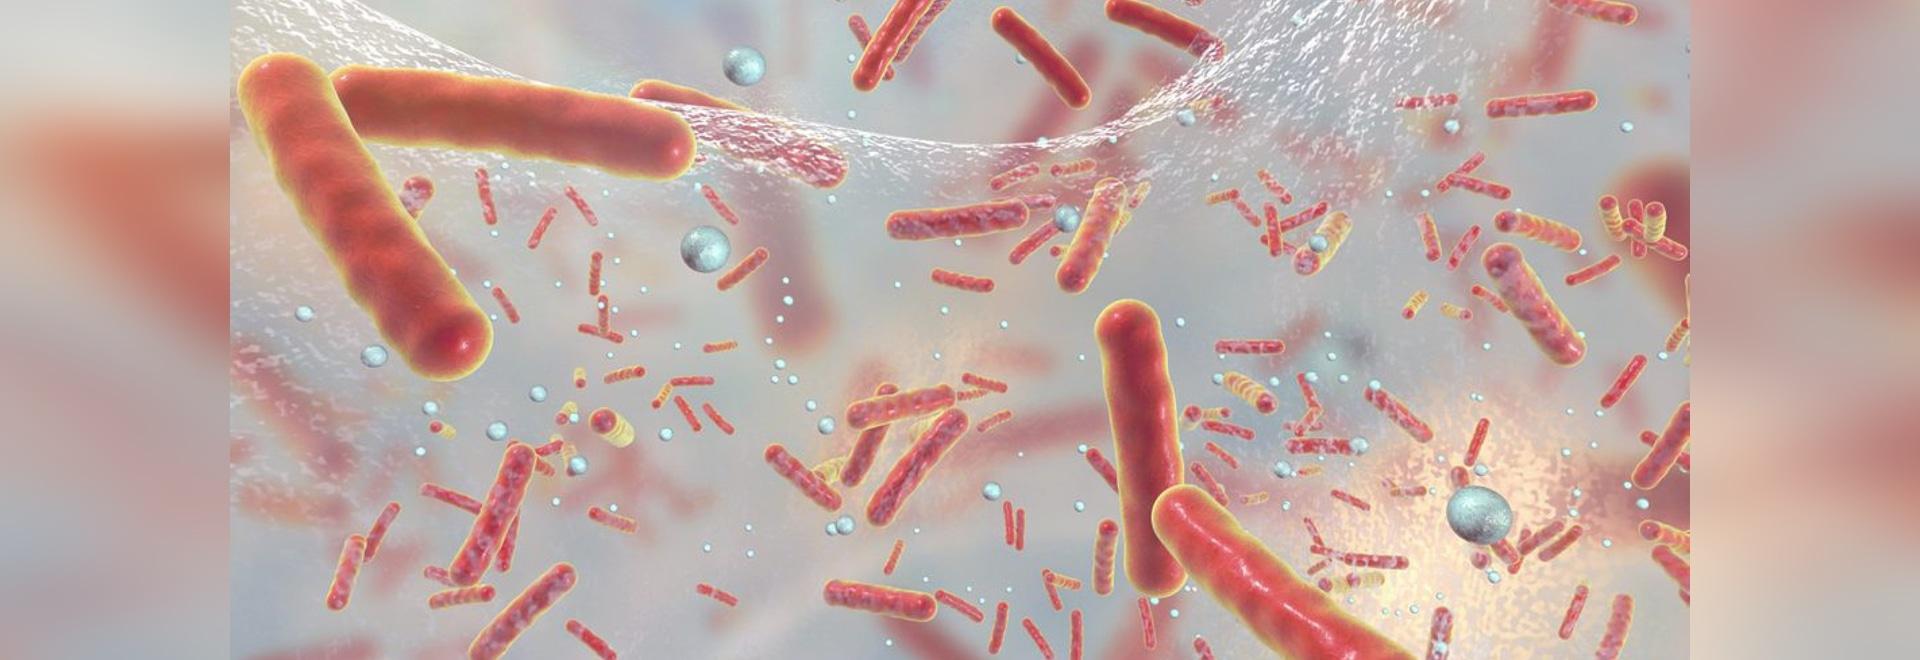 Machine learning identifies antibiotic resistance genes